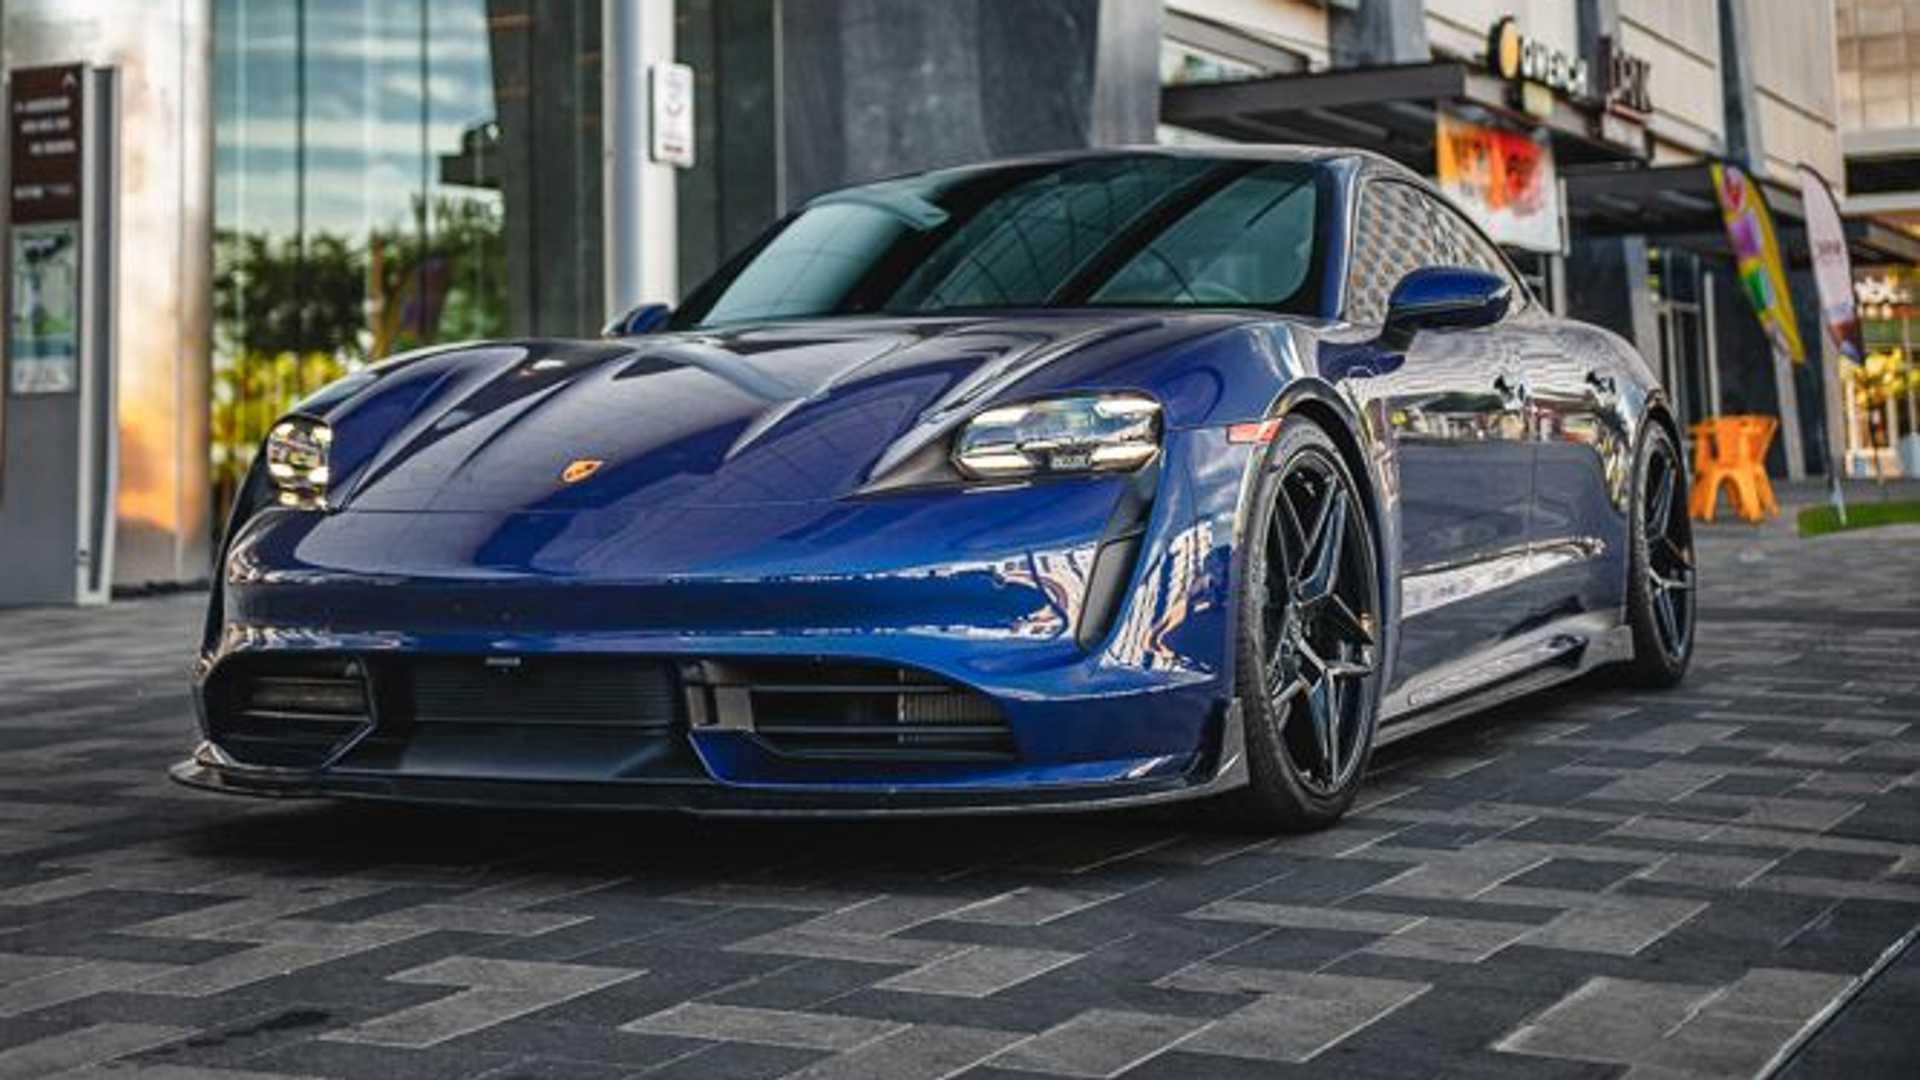 Porsche-Taycan-by-Vivid-Racing-4